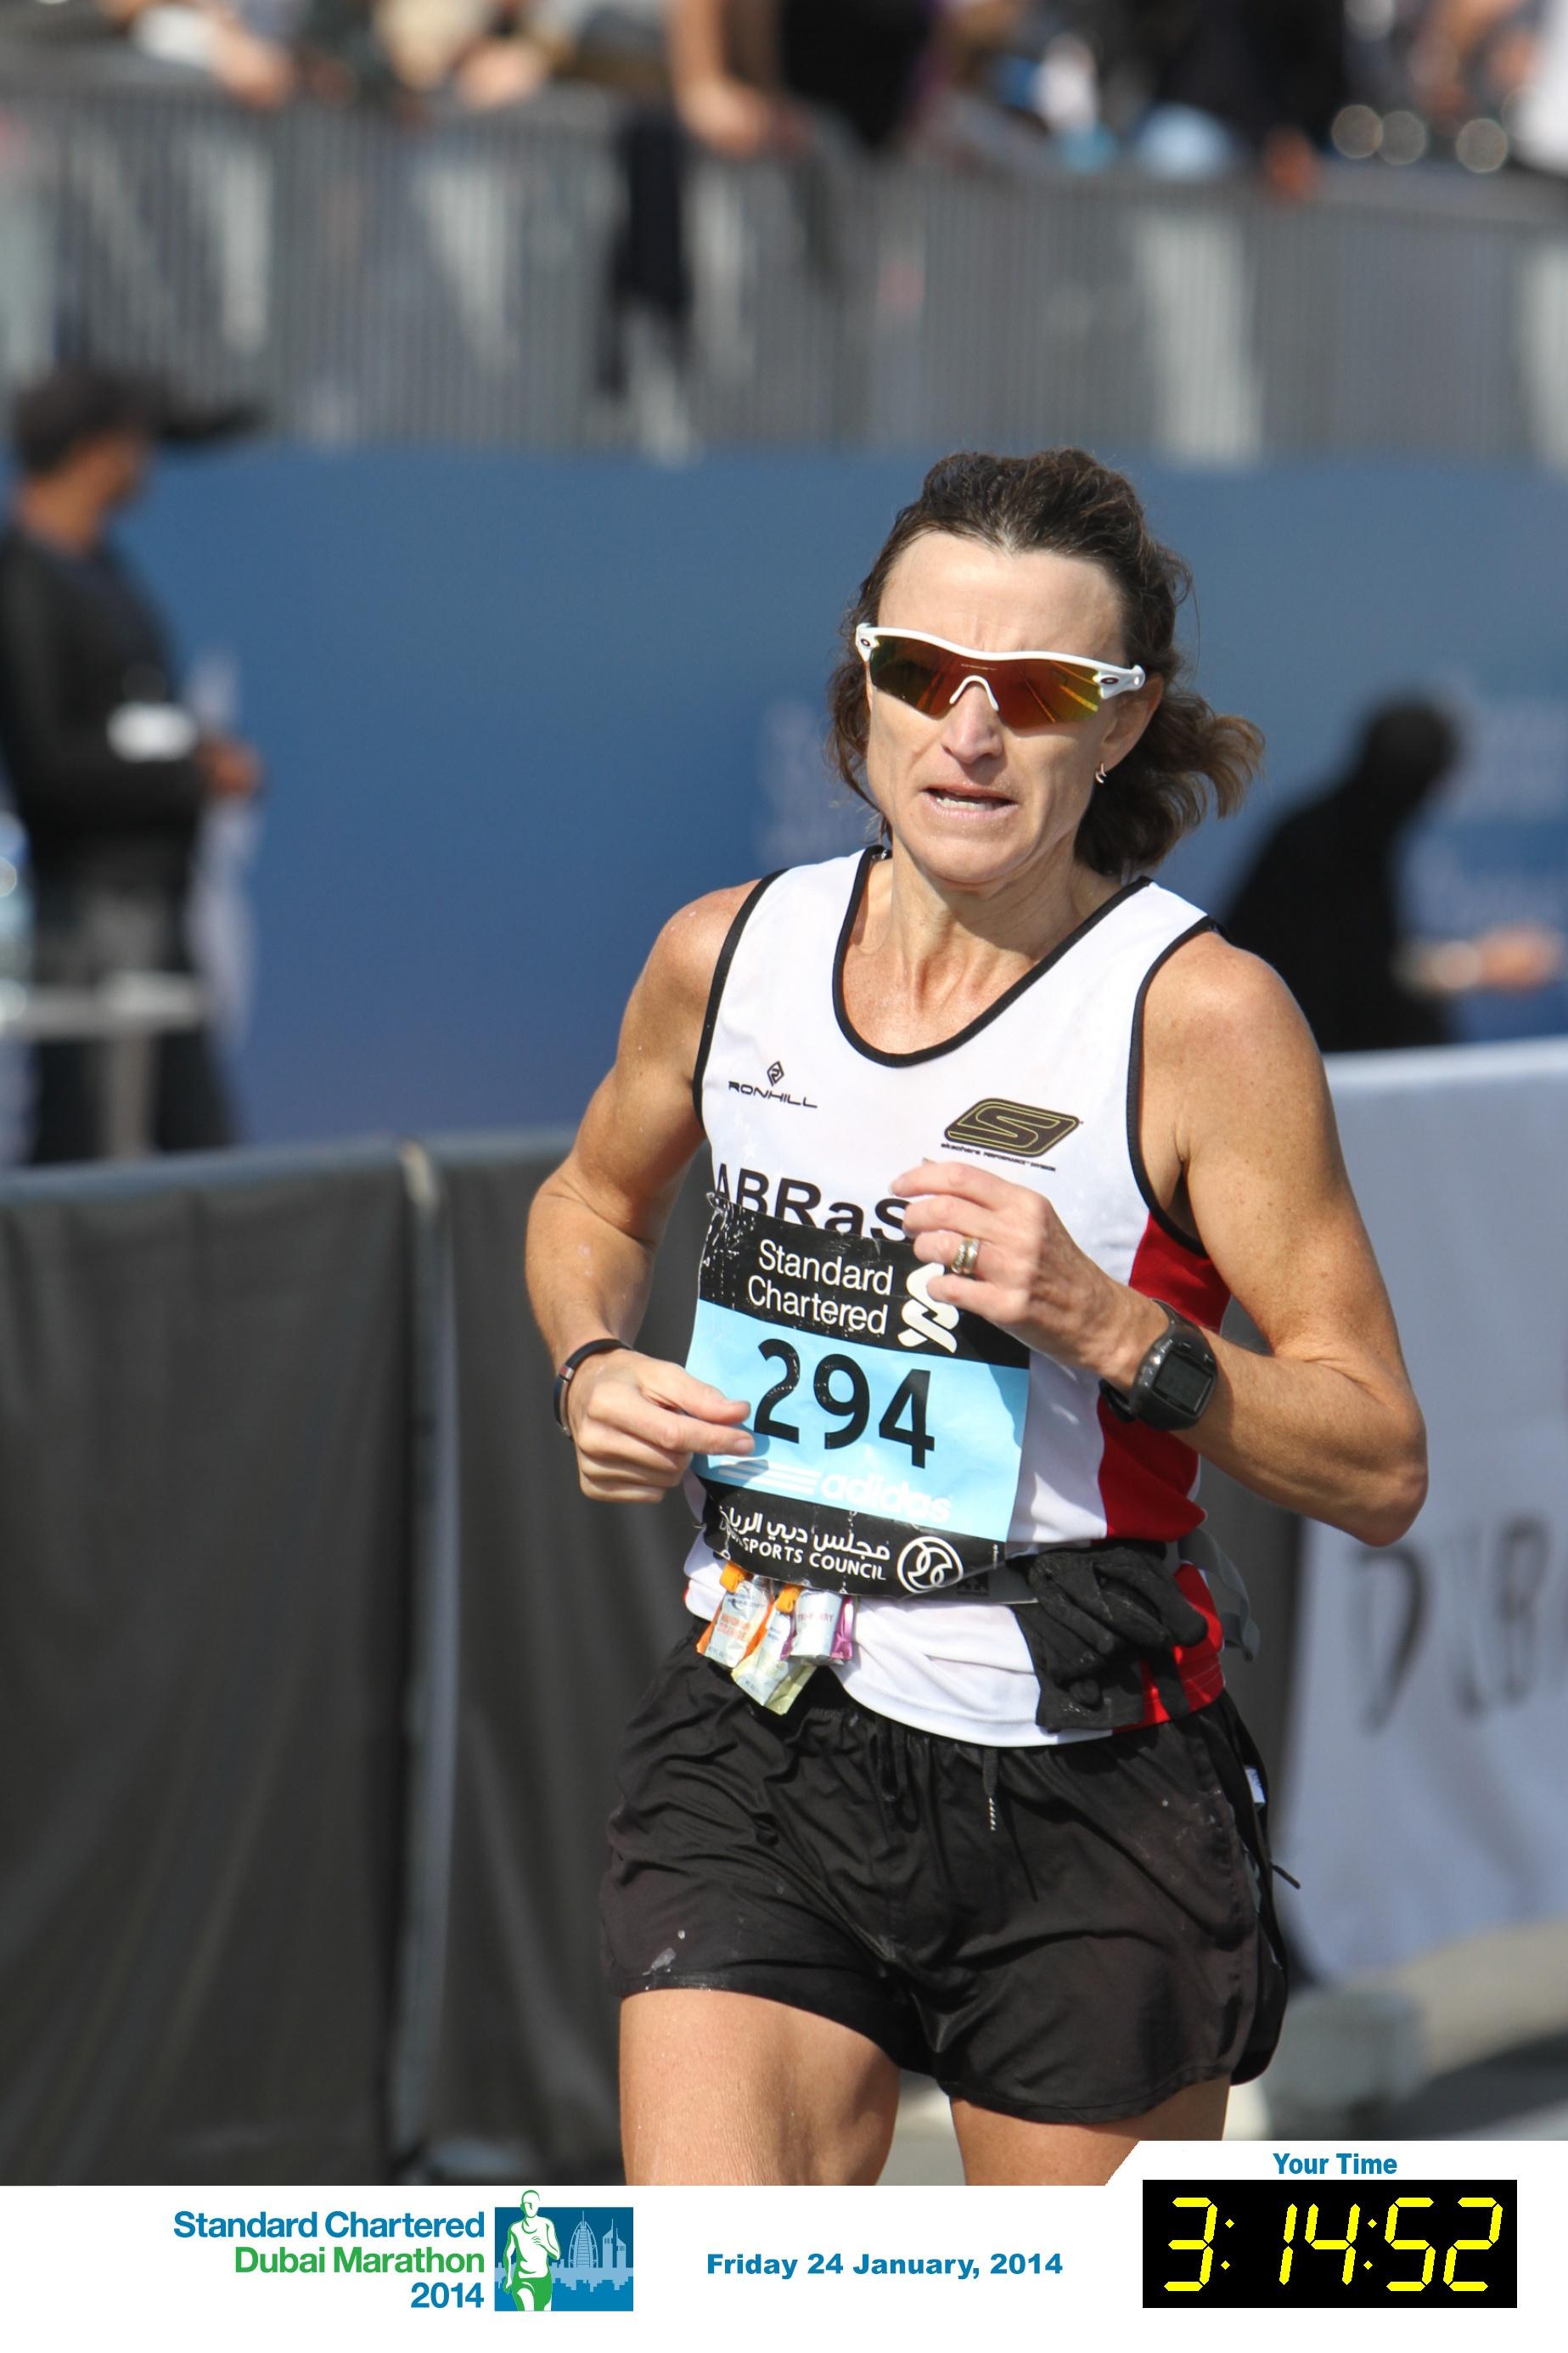 Dubai Marathon Dubai 2014